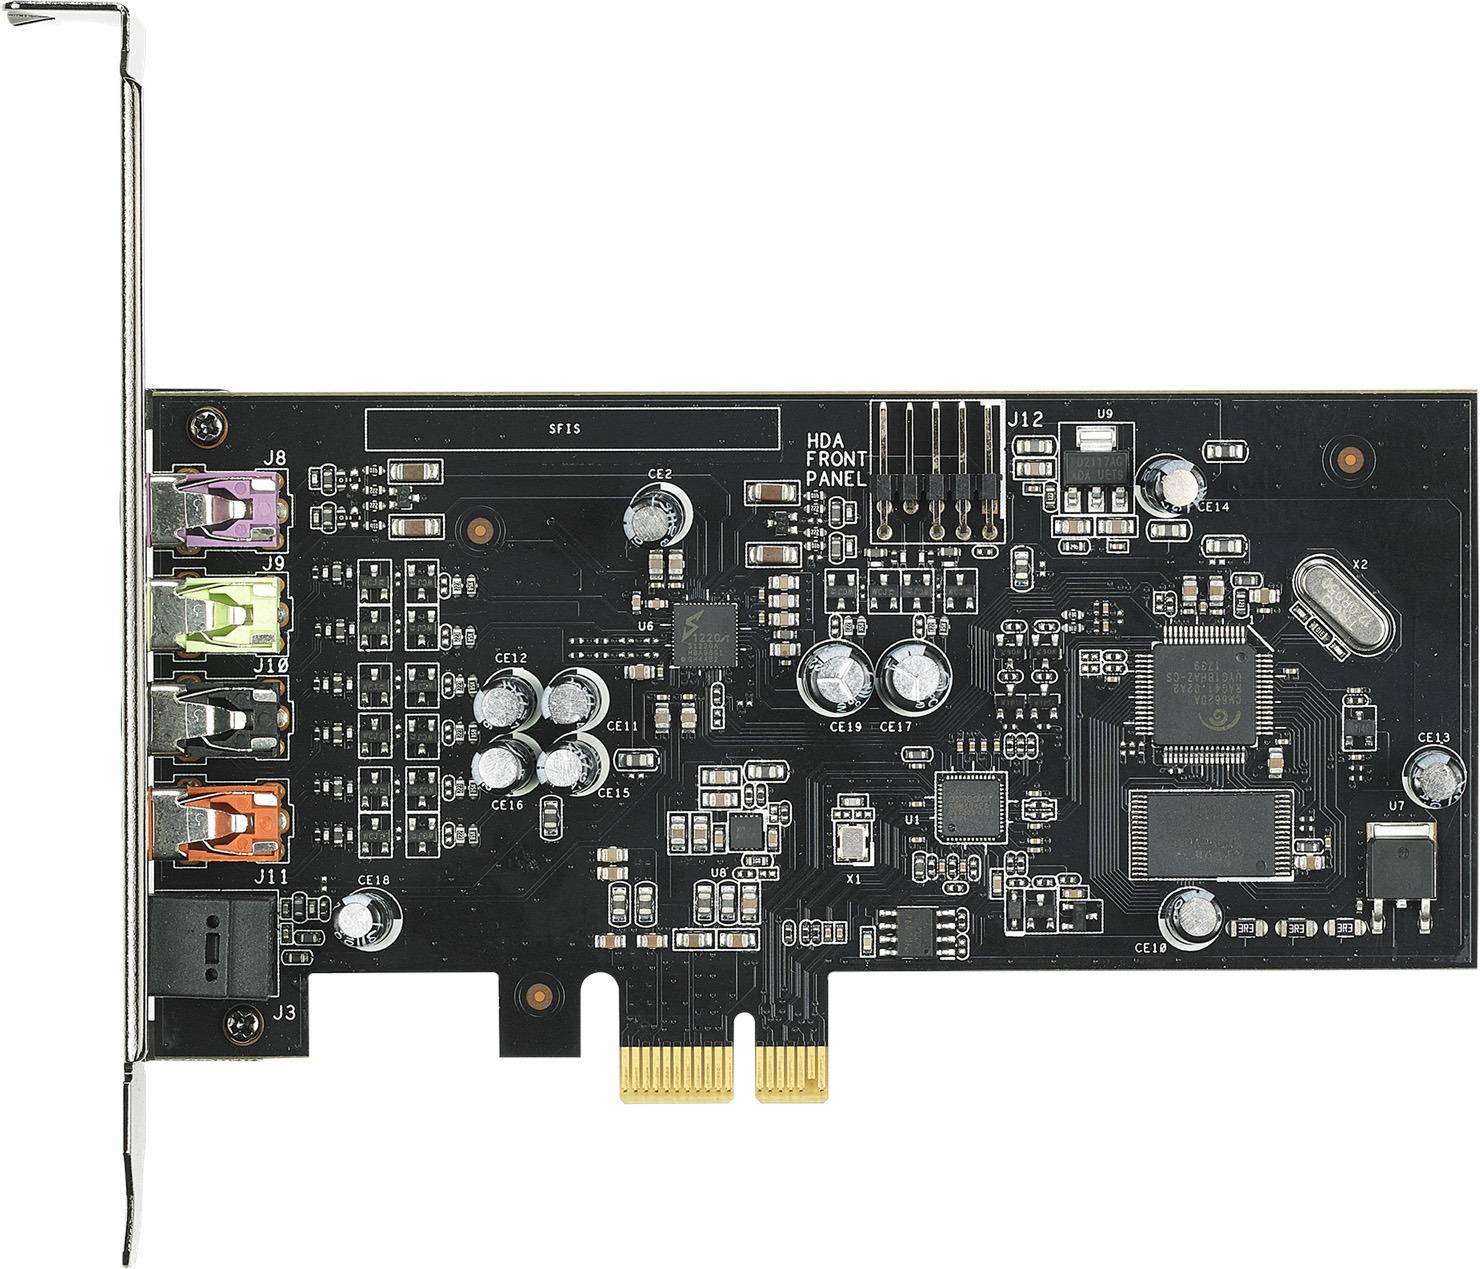 850e0ce5a1763 Внутренняя звуковая карта Asus PCI-E Xonar SE устанавливается в корпус ПК и  служит для улучшения качества как входящего, так и исходящего аудиосигнала.